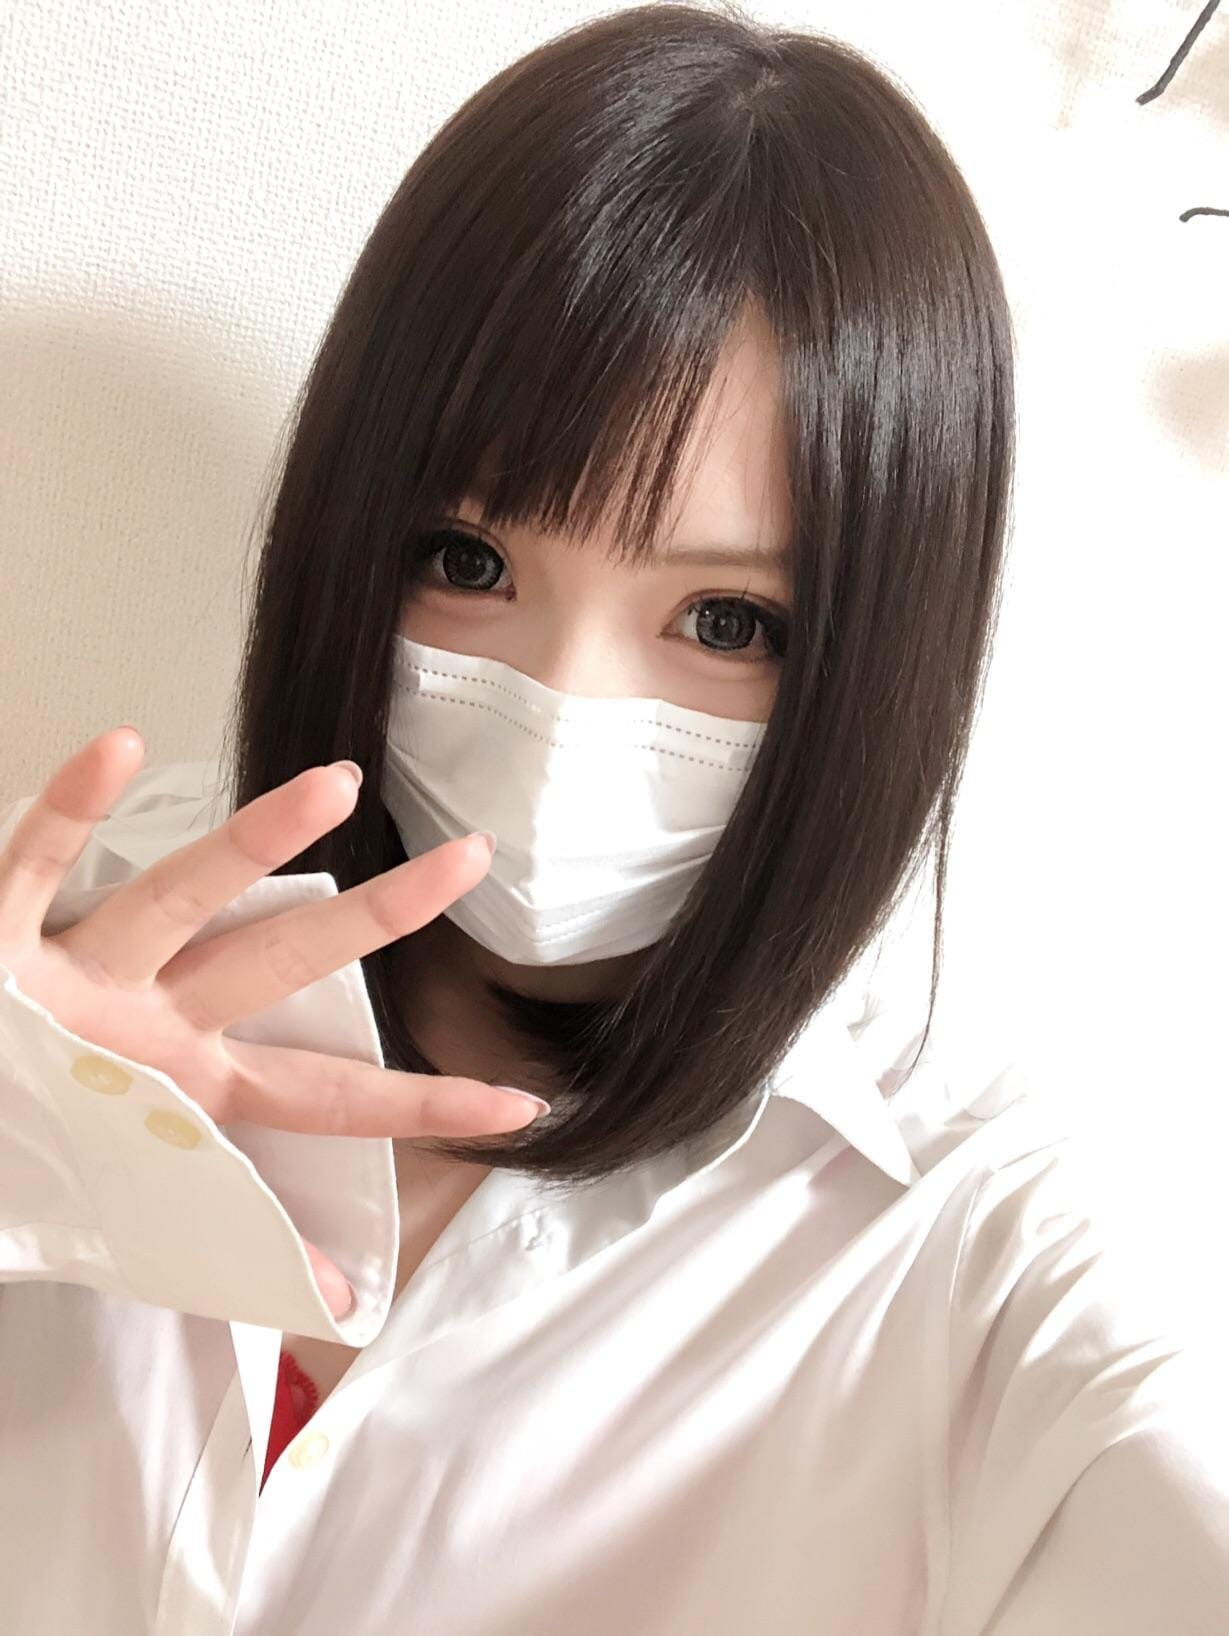 「もうすぐ到着??」01/18(01/18) 17:32 | Rei◆伝説11冠の金字塔◆の写メ・風俗動画